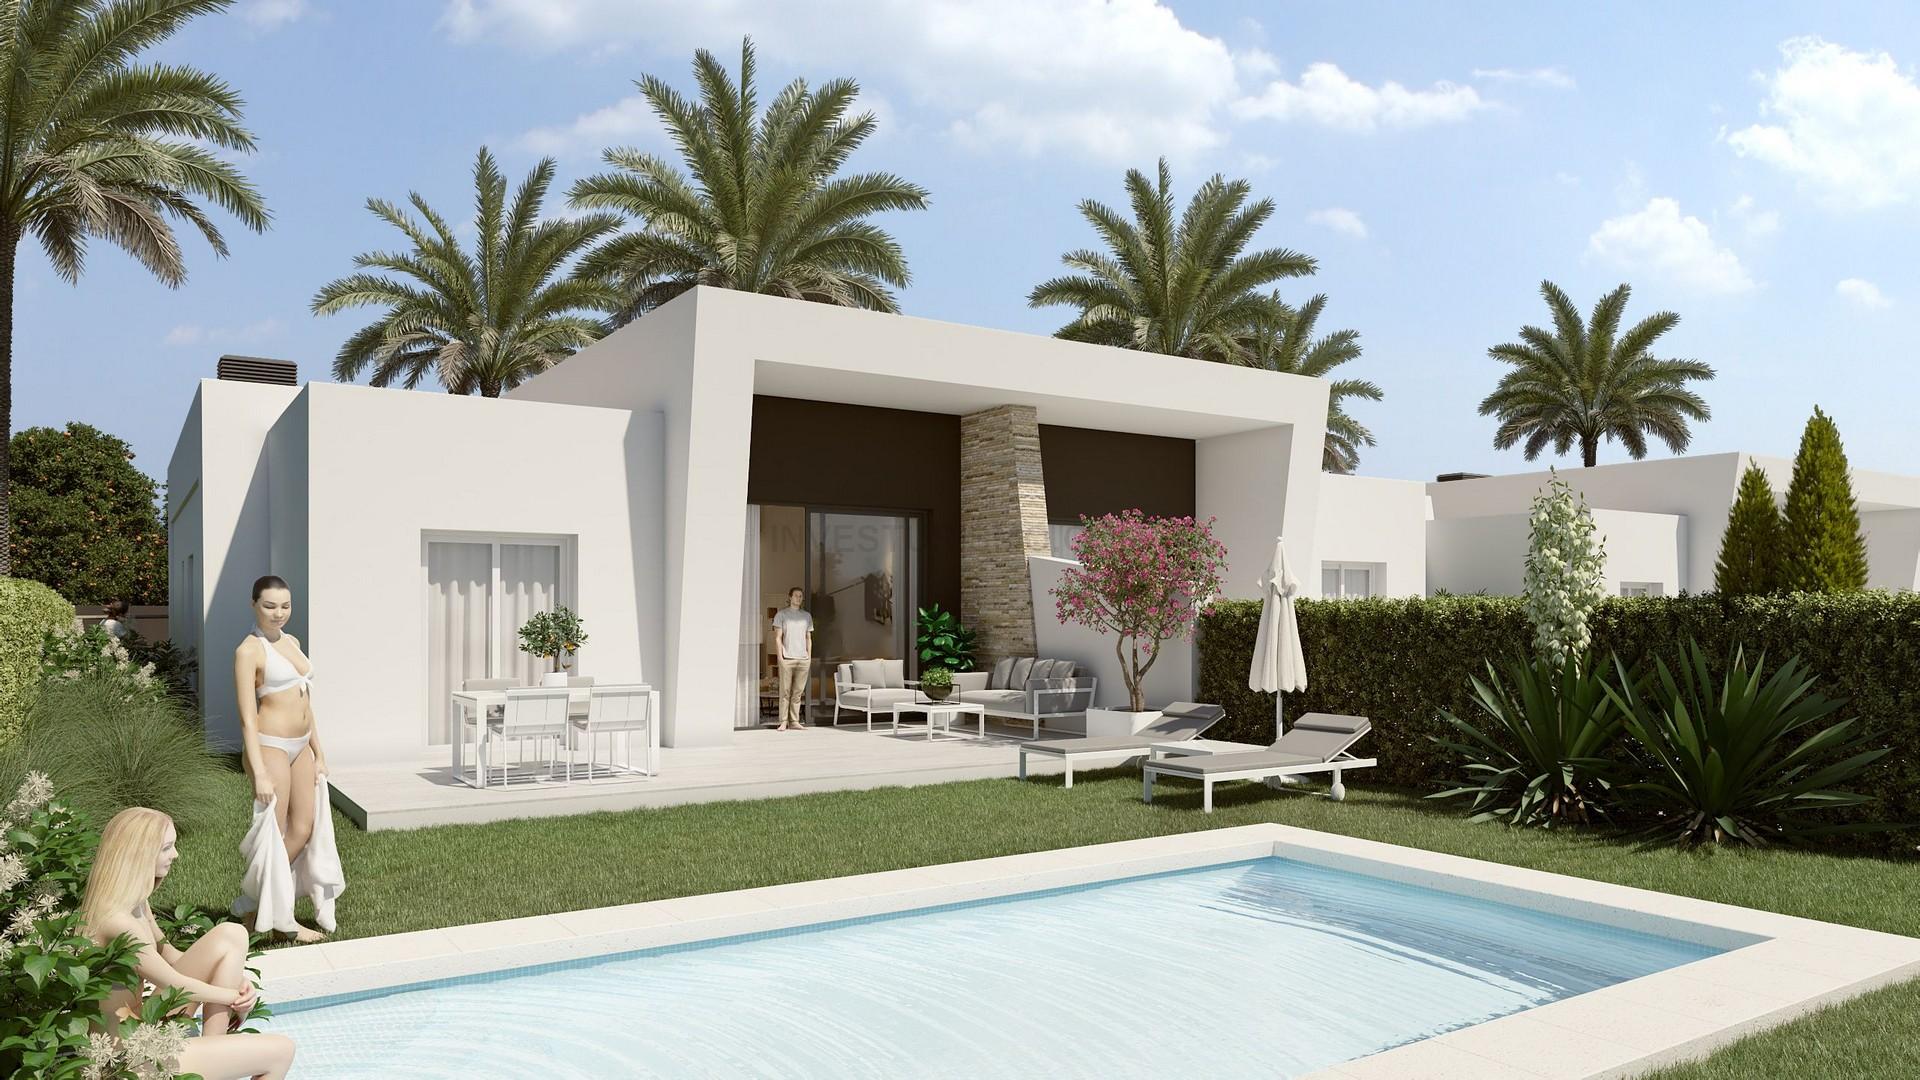 New Build Semi-detached Villas 3 bedrooms in Algorfa